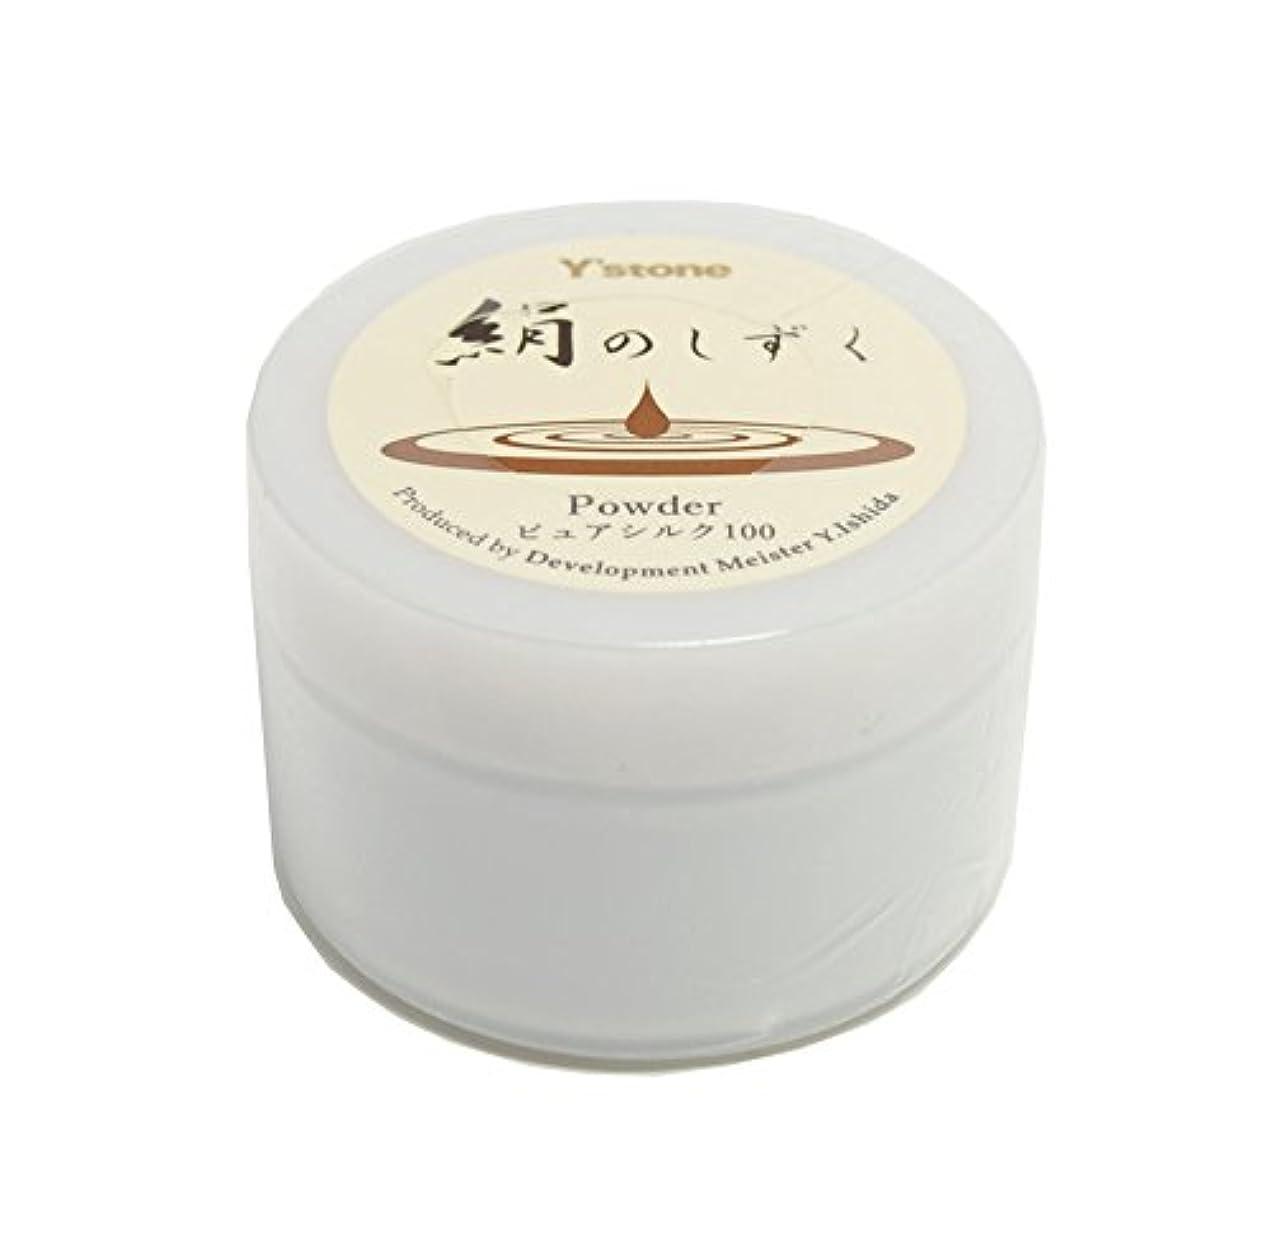 仮定悲しむ付き添い人絹のしずく シルクパウダー100 8g 国産シルク100% 使用。シルク(まゆ)を丸ごと使用☆自然の日焼けを防ぐ効果が期待